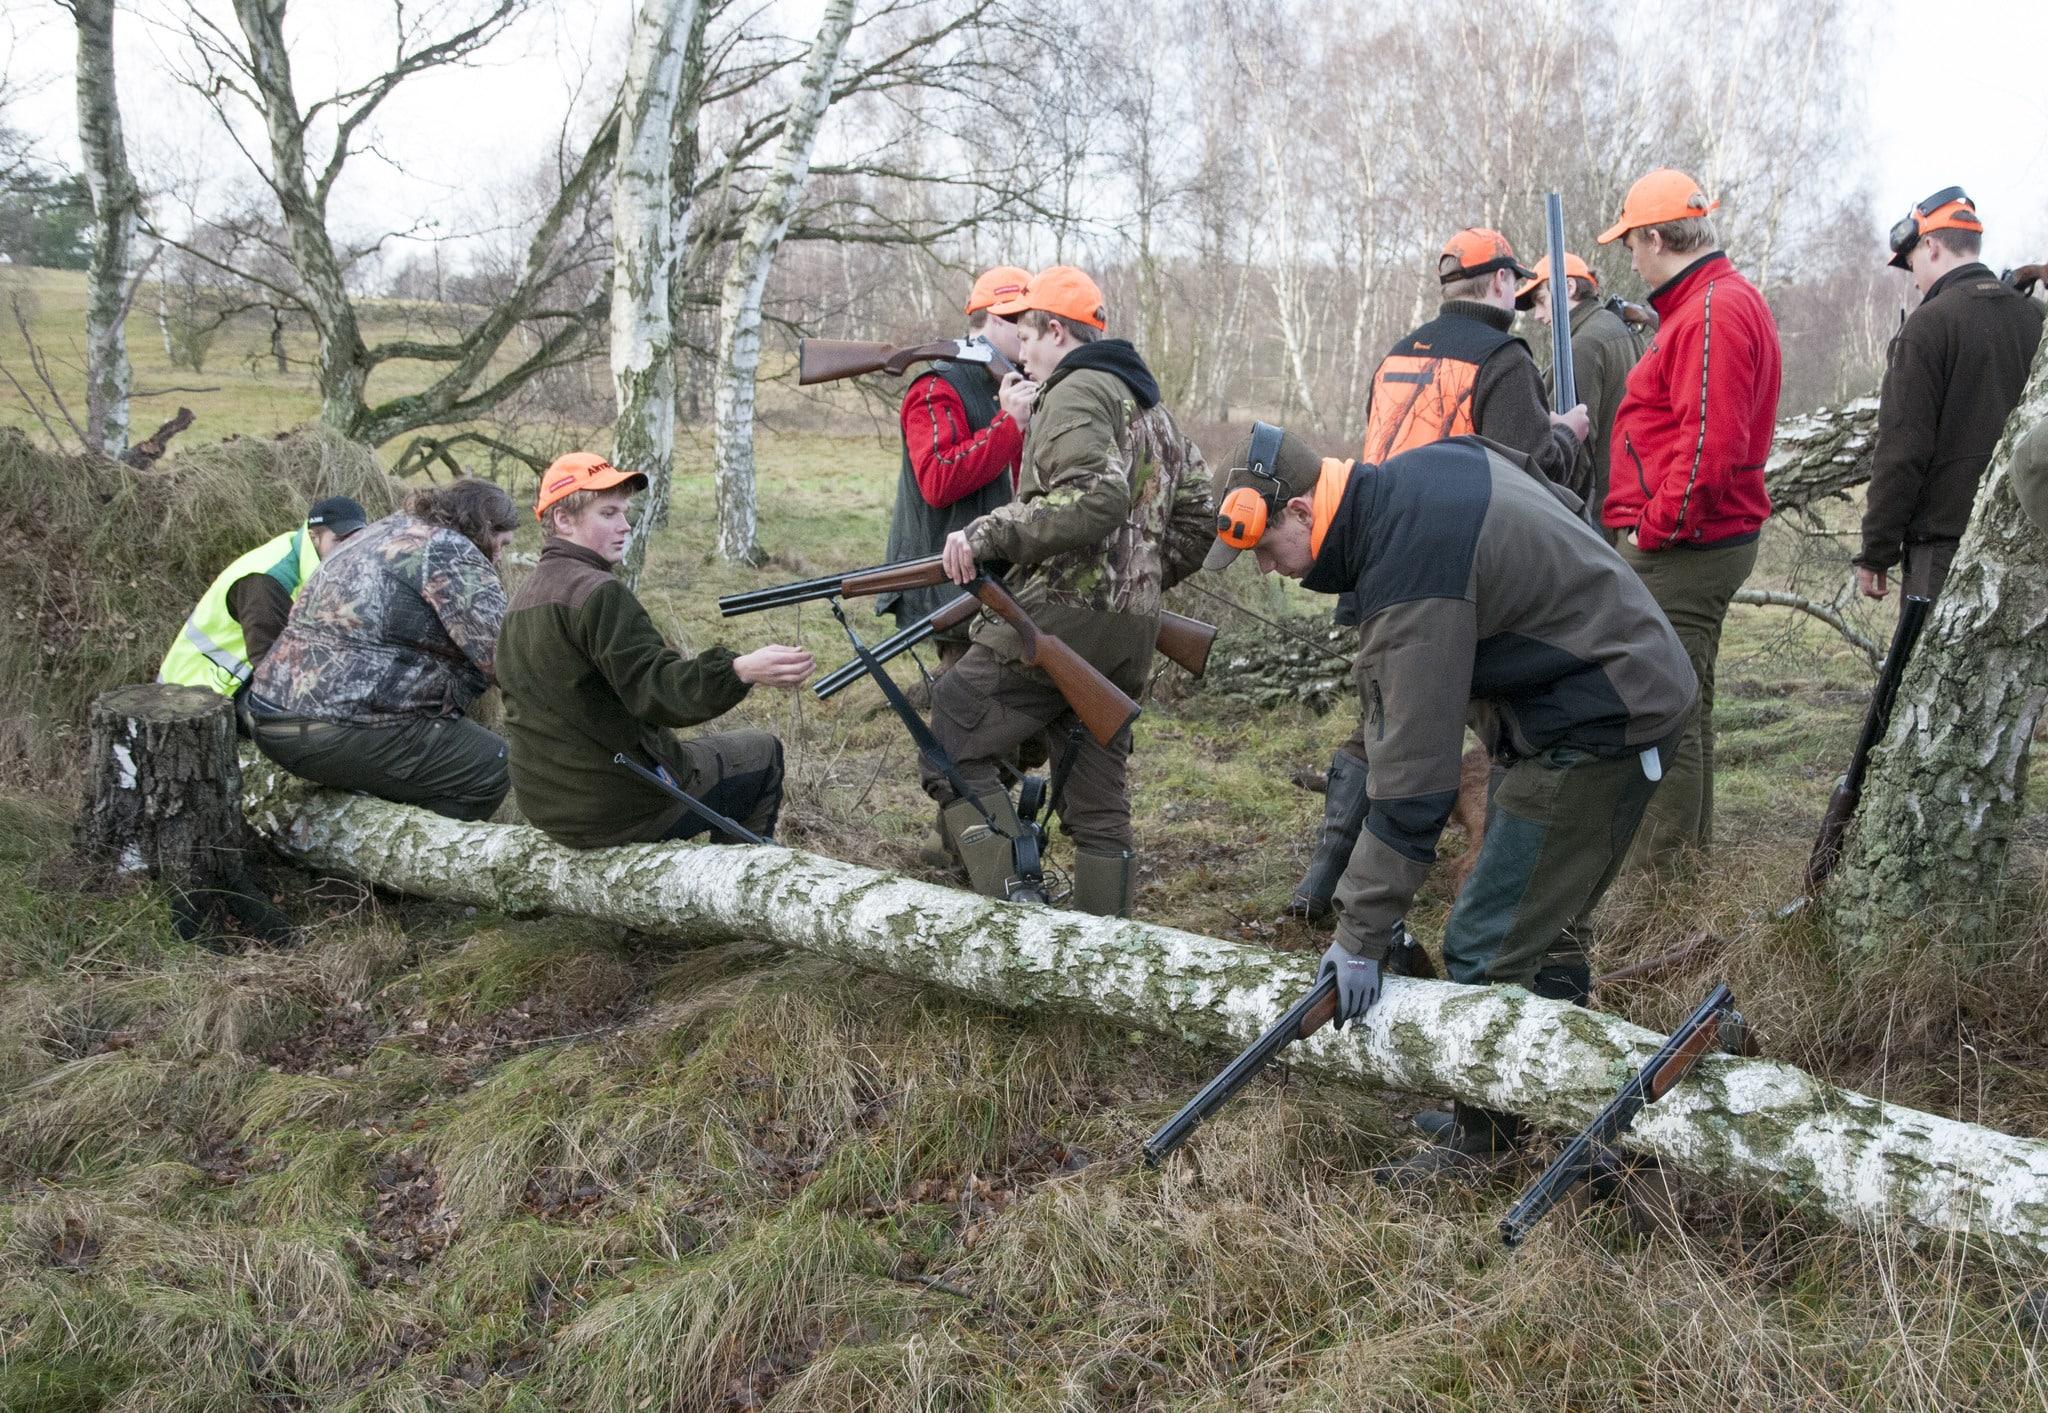 Utbildningen till jaktguide vid ForshagaAkademien får fortsätta som yrkeshögskola. Foto: Jan Henricson